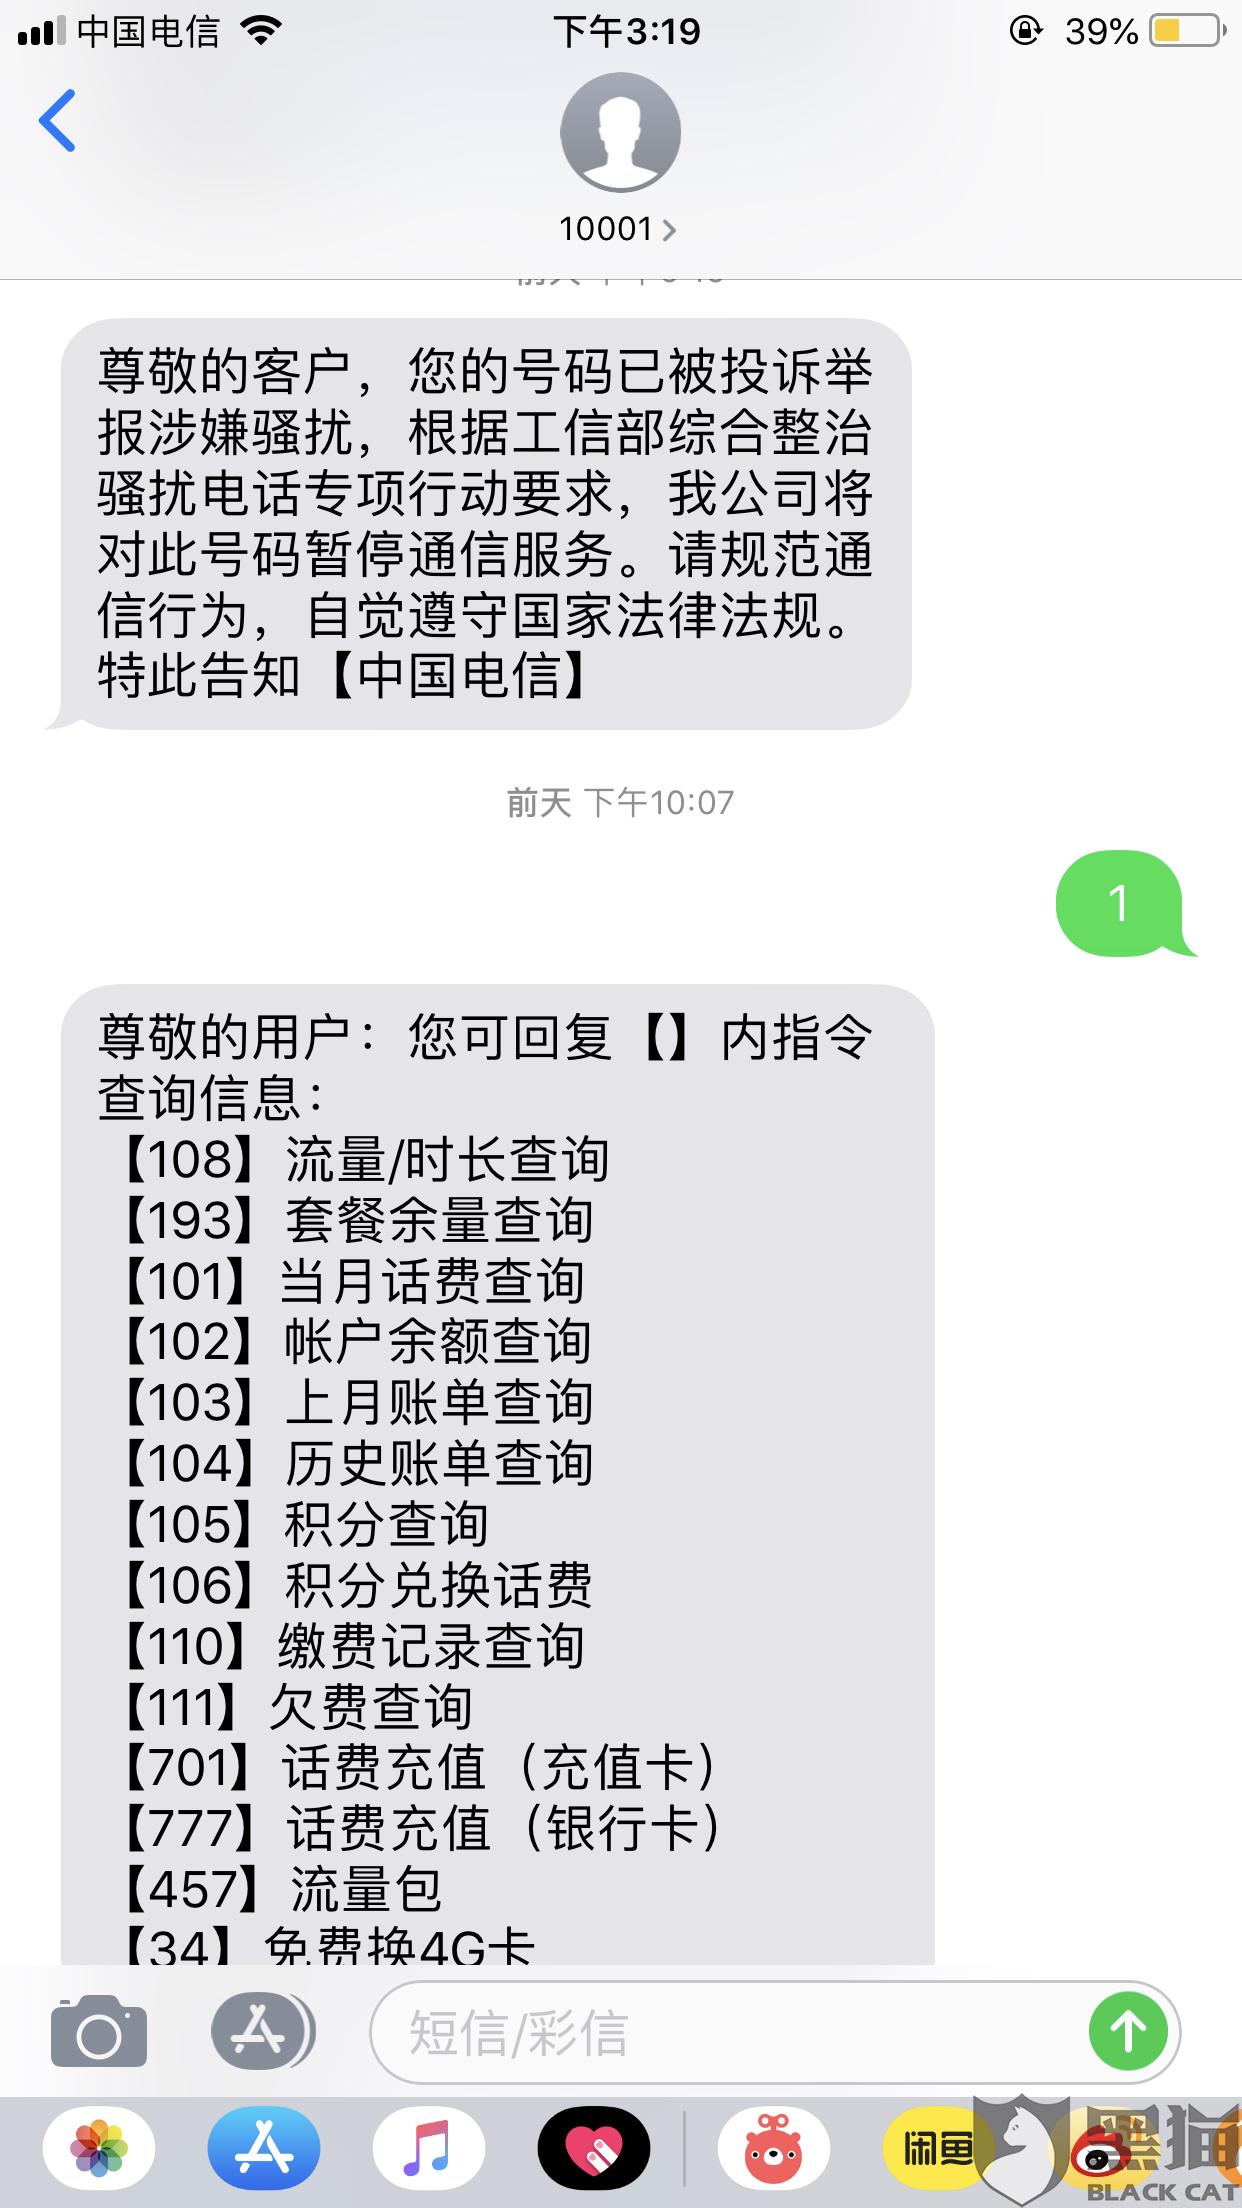 黑猫投诉:中国电信将我手机号封停